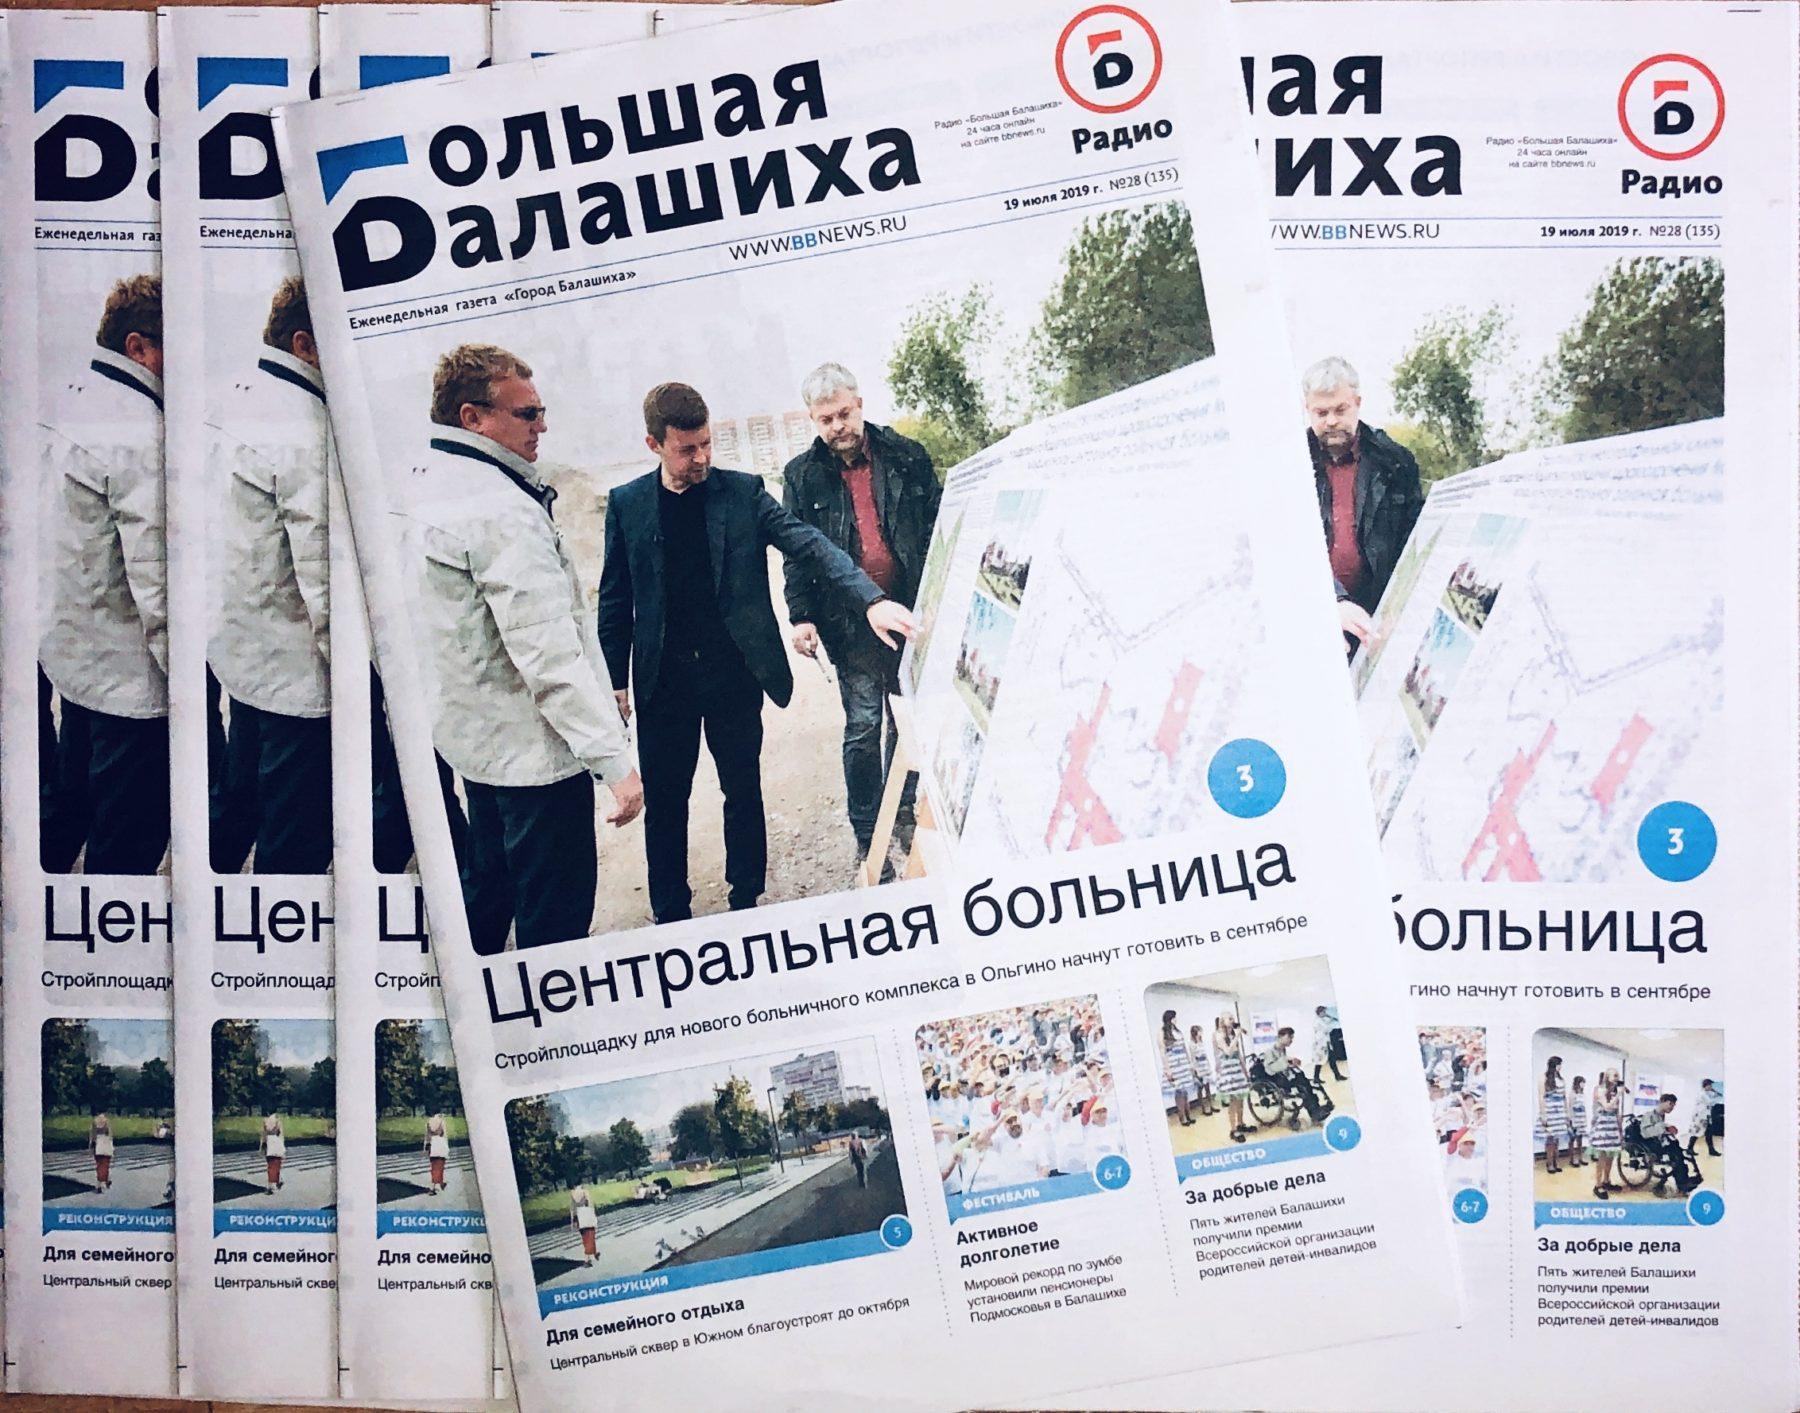 Вышла газета «Город Балашиха» №28 (135)